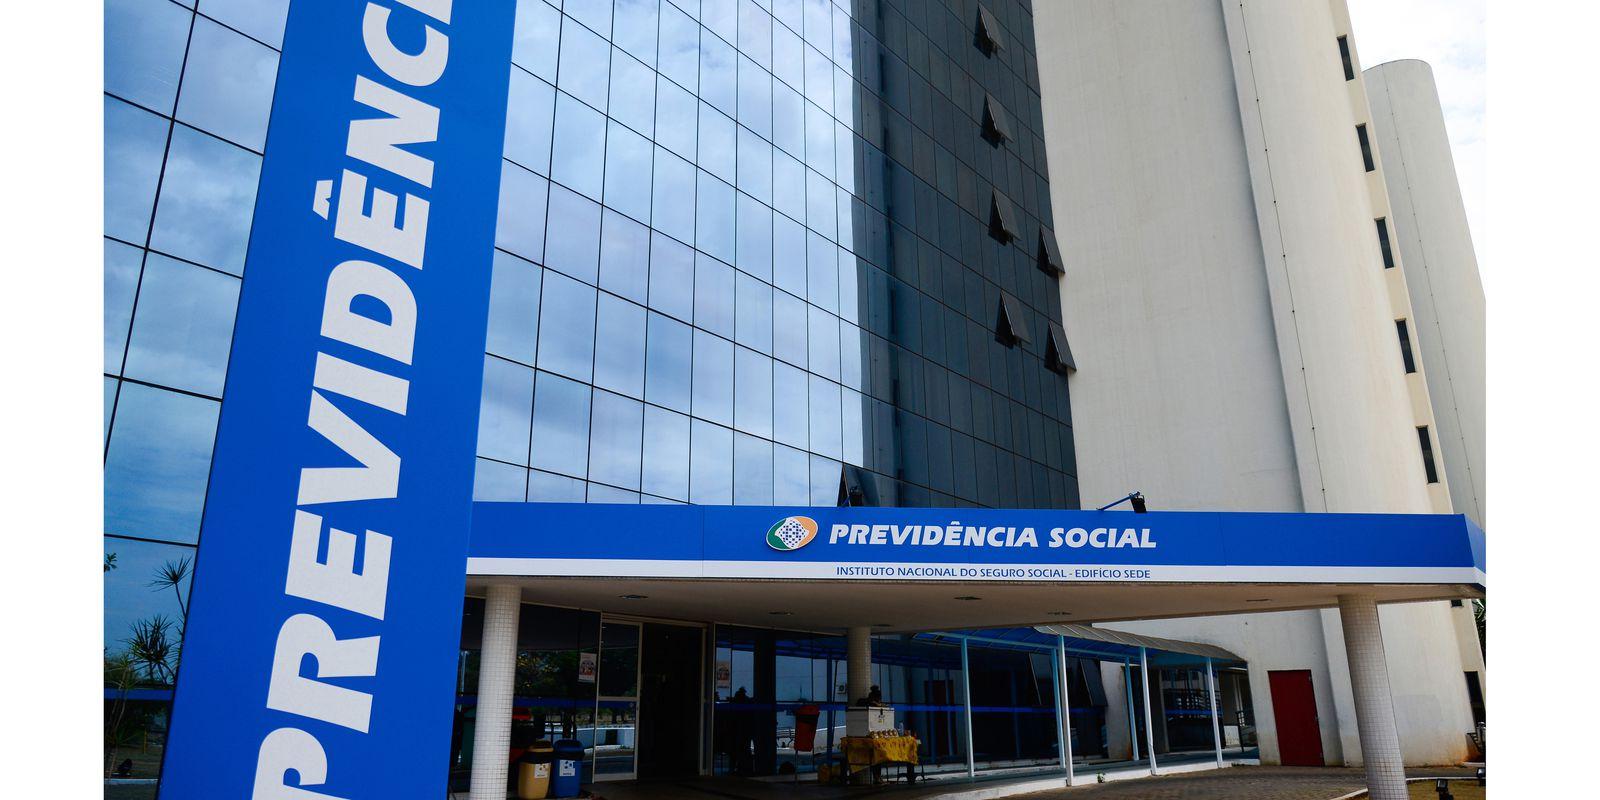 Instituto Nacional do Seguro Social (INSS),Secretaria Especial de Previdência e Trabalho do Ministério da Economia,Previdência Social